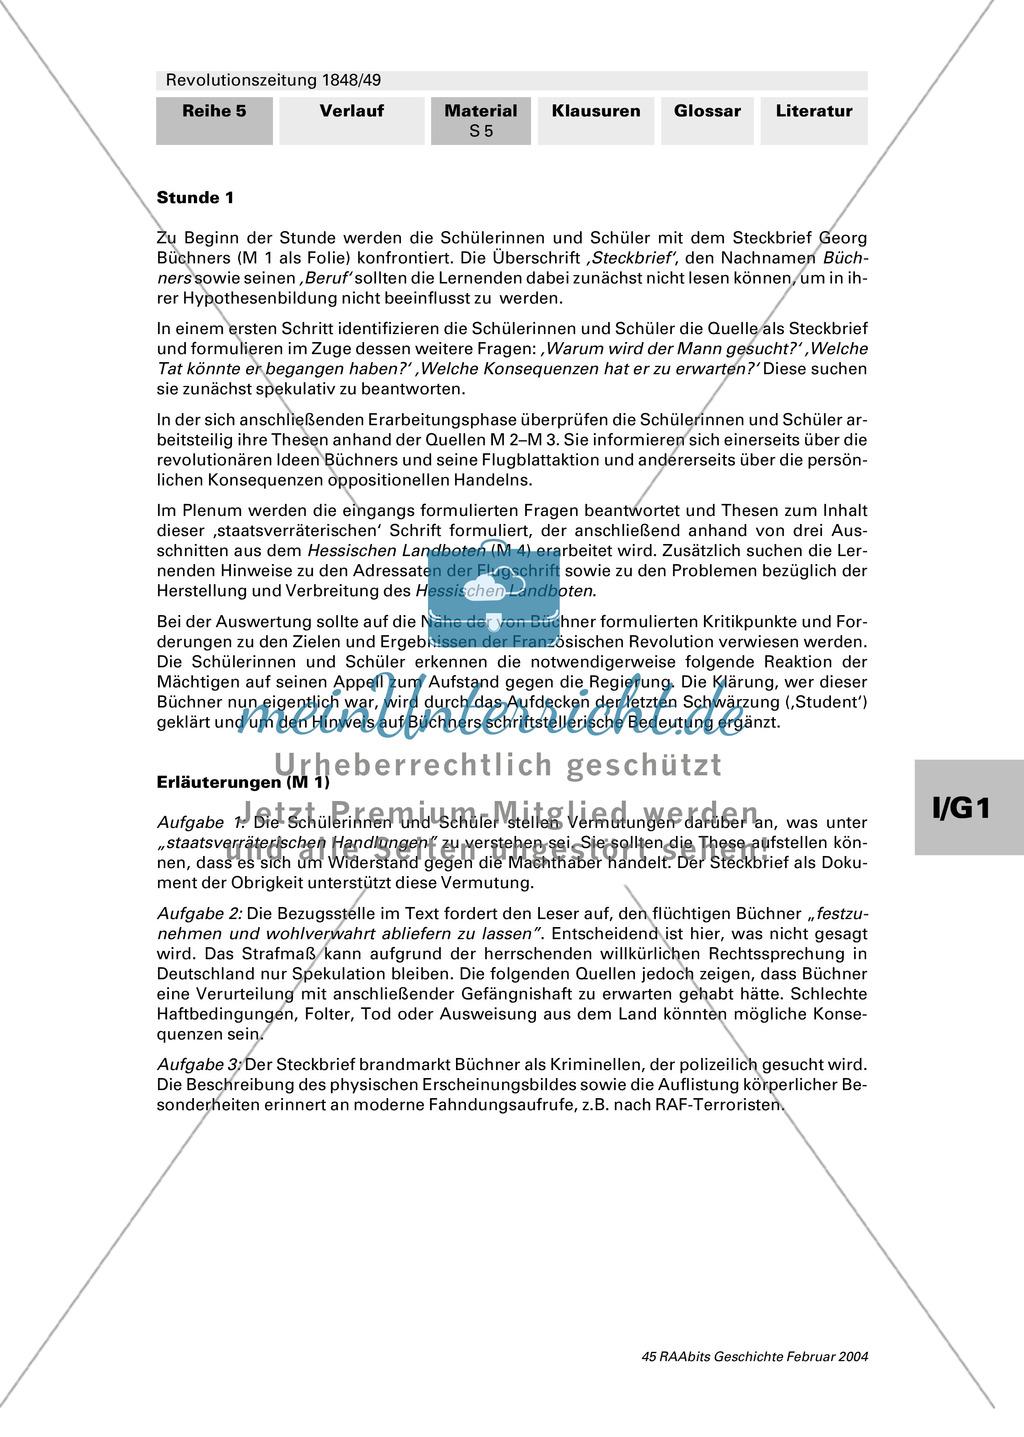 """Revolutionszeitung 1848/49 erstellen: Steckbrief Georg Büchner + Quellen zum Leben von Georg Büchner + Georg Büchner: """"Der Hessische Landbote"""" Preview 4"""